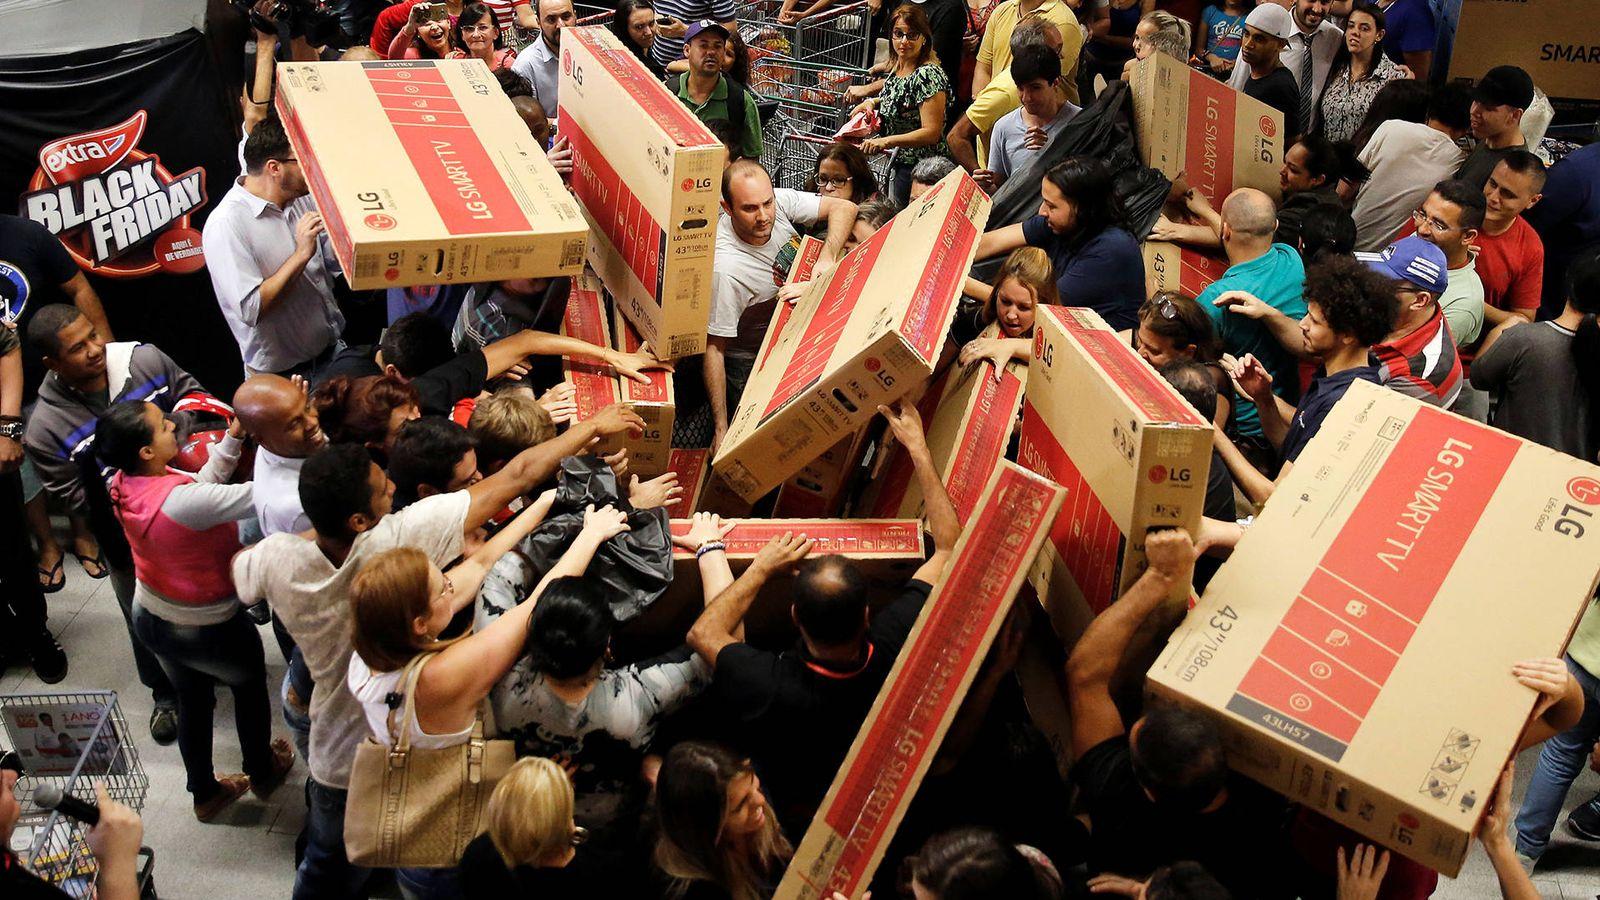 Del Corte El Y Friday Amazon Black Alibaba Versus Ofertas Zara UdwxCw